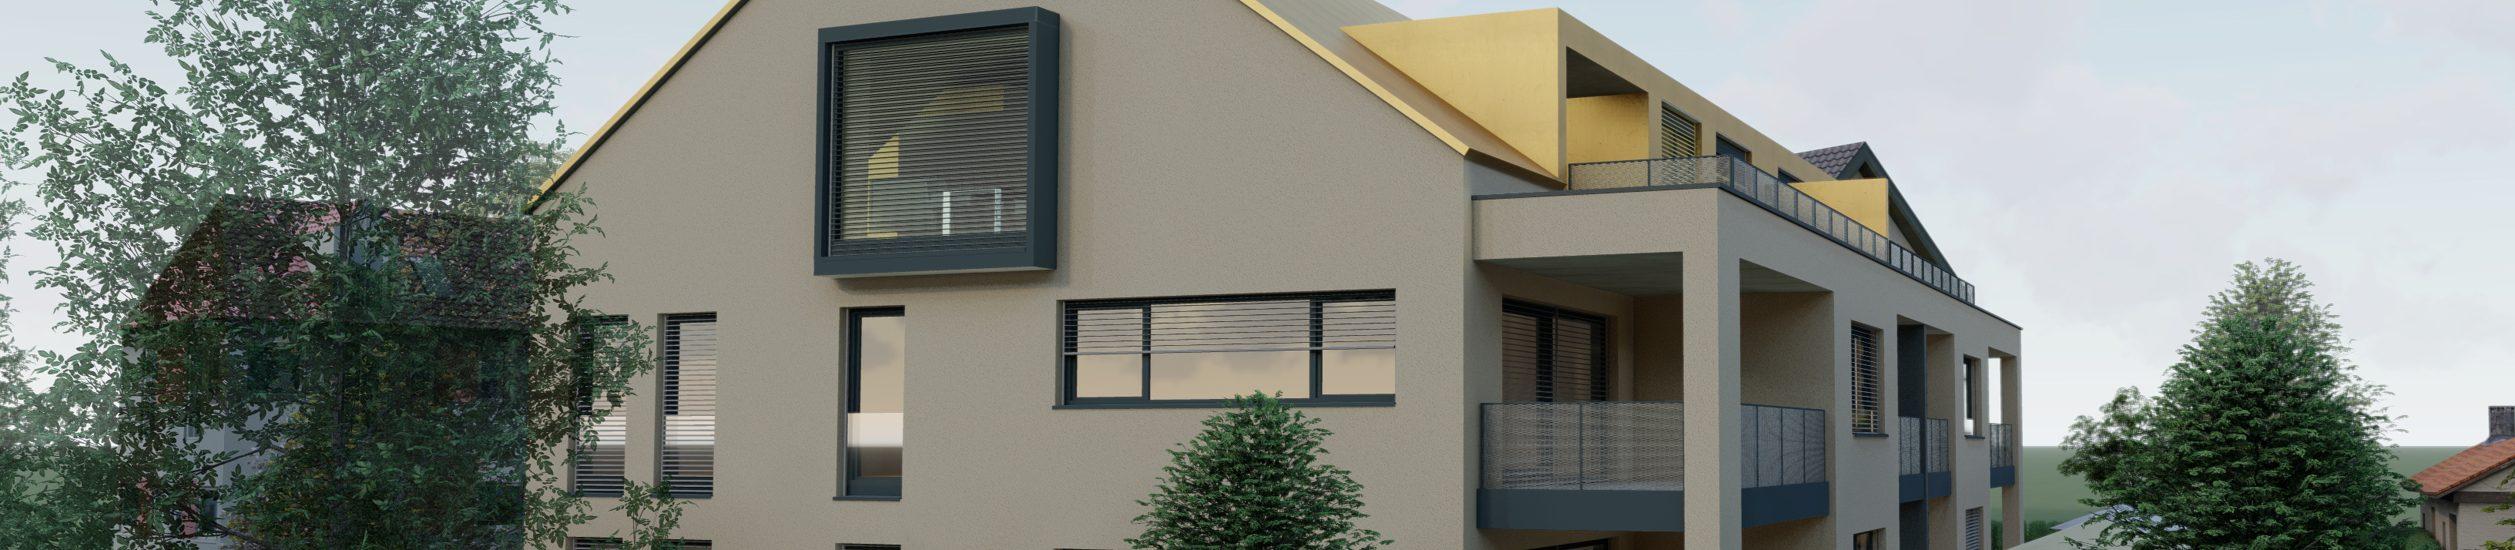 Neubau eines Mehrfamilienhauses in Wasserburg- Reiherstraße